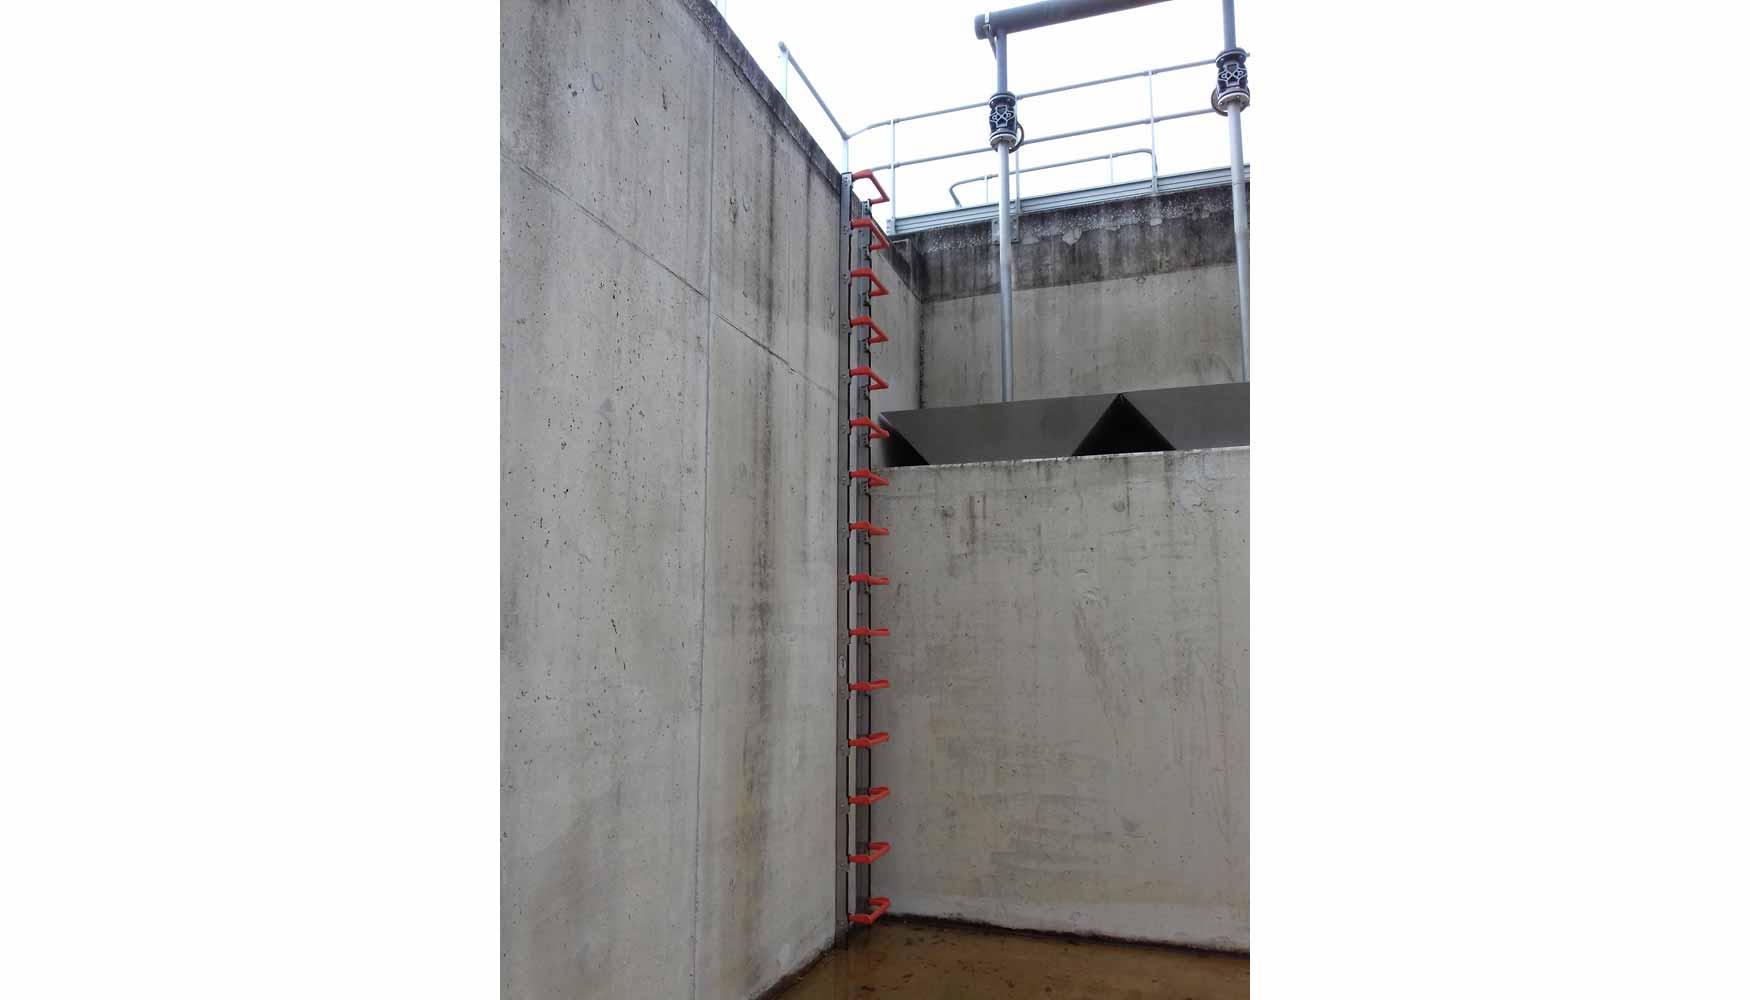 Inoxpat la nueva escalera de iverna 2000 regulable a for Escaleras 45 grados